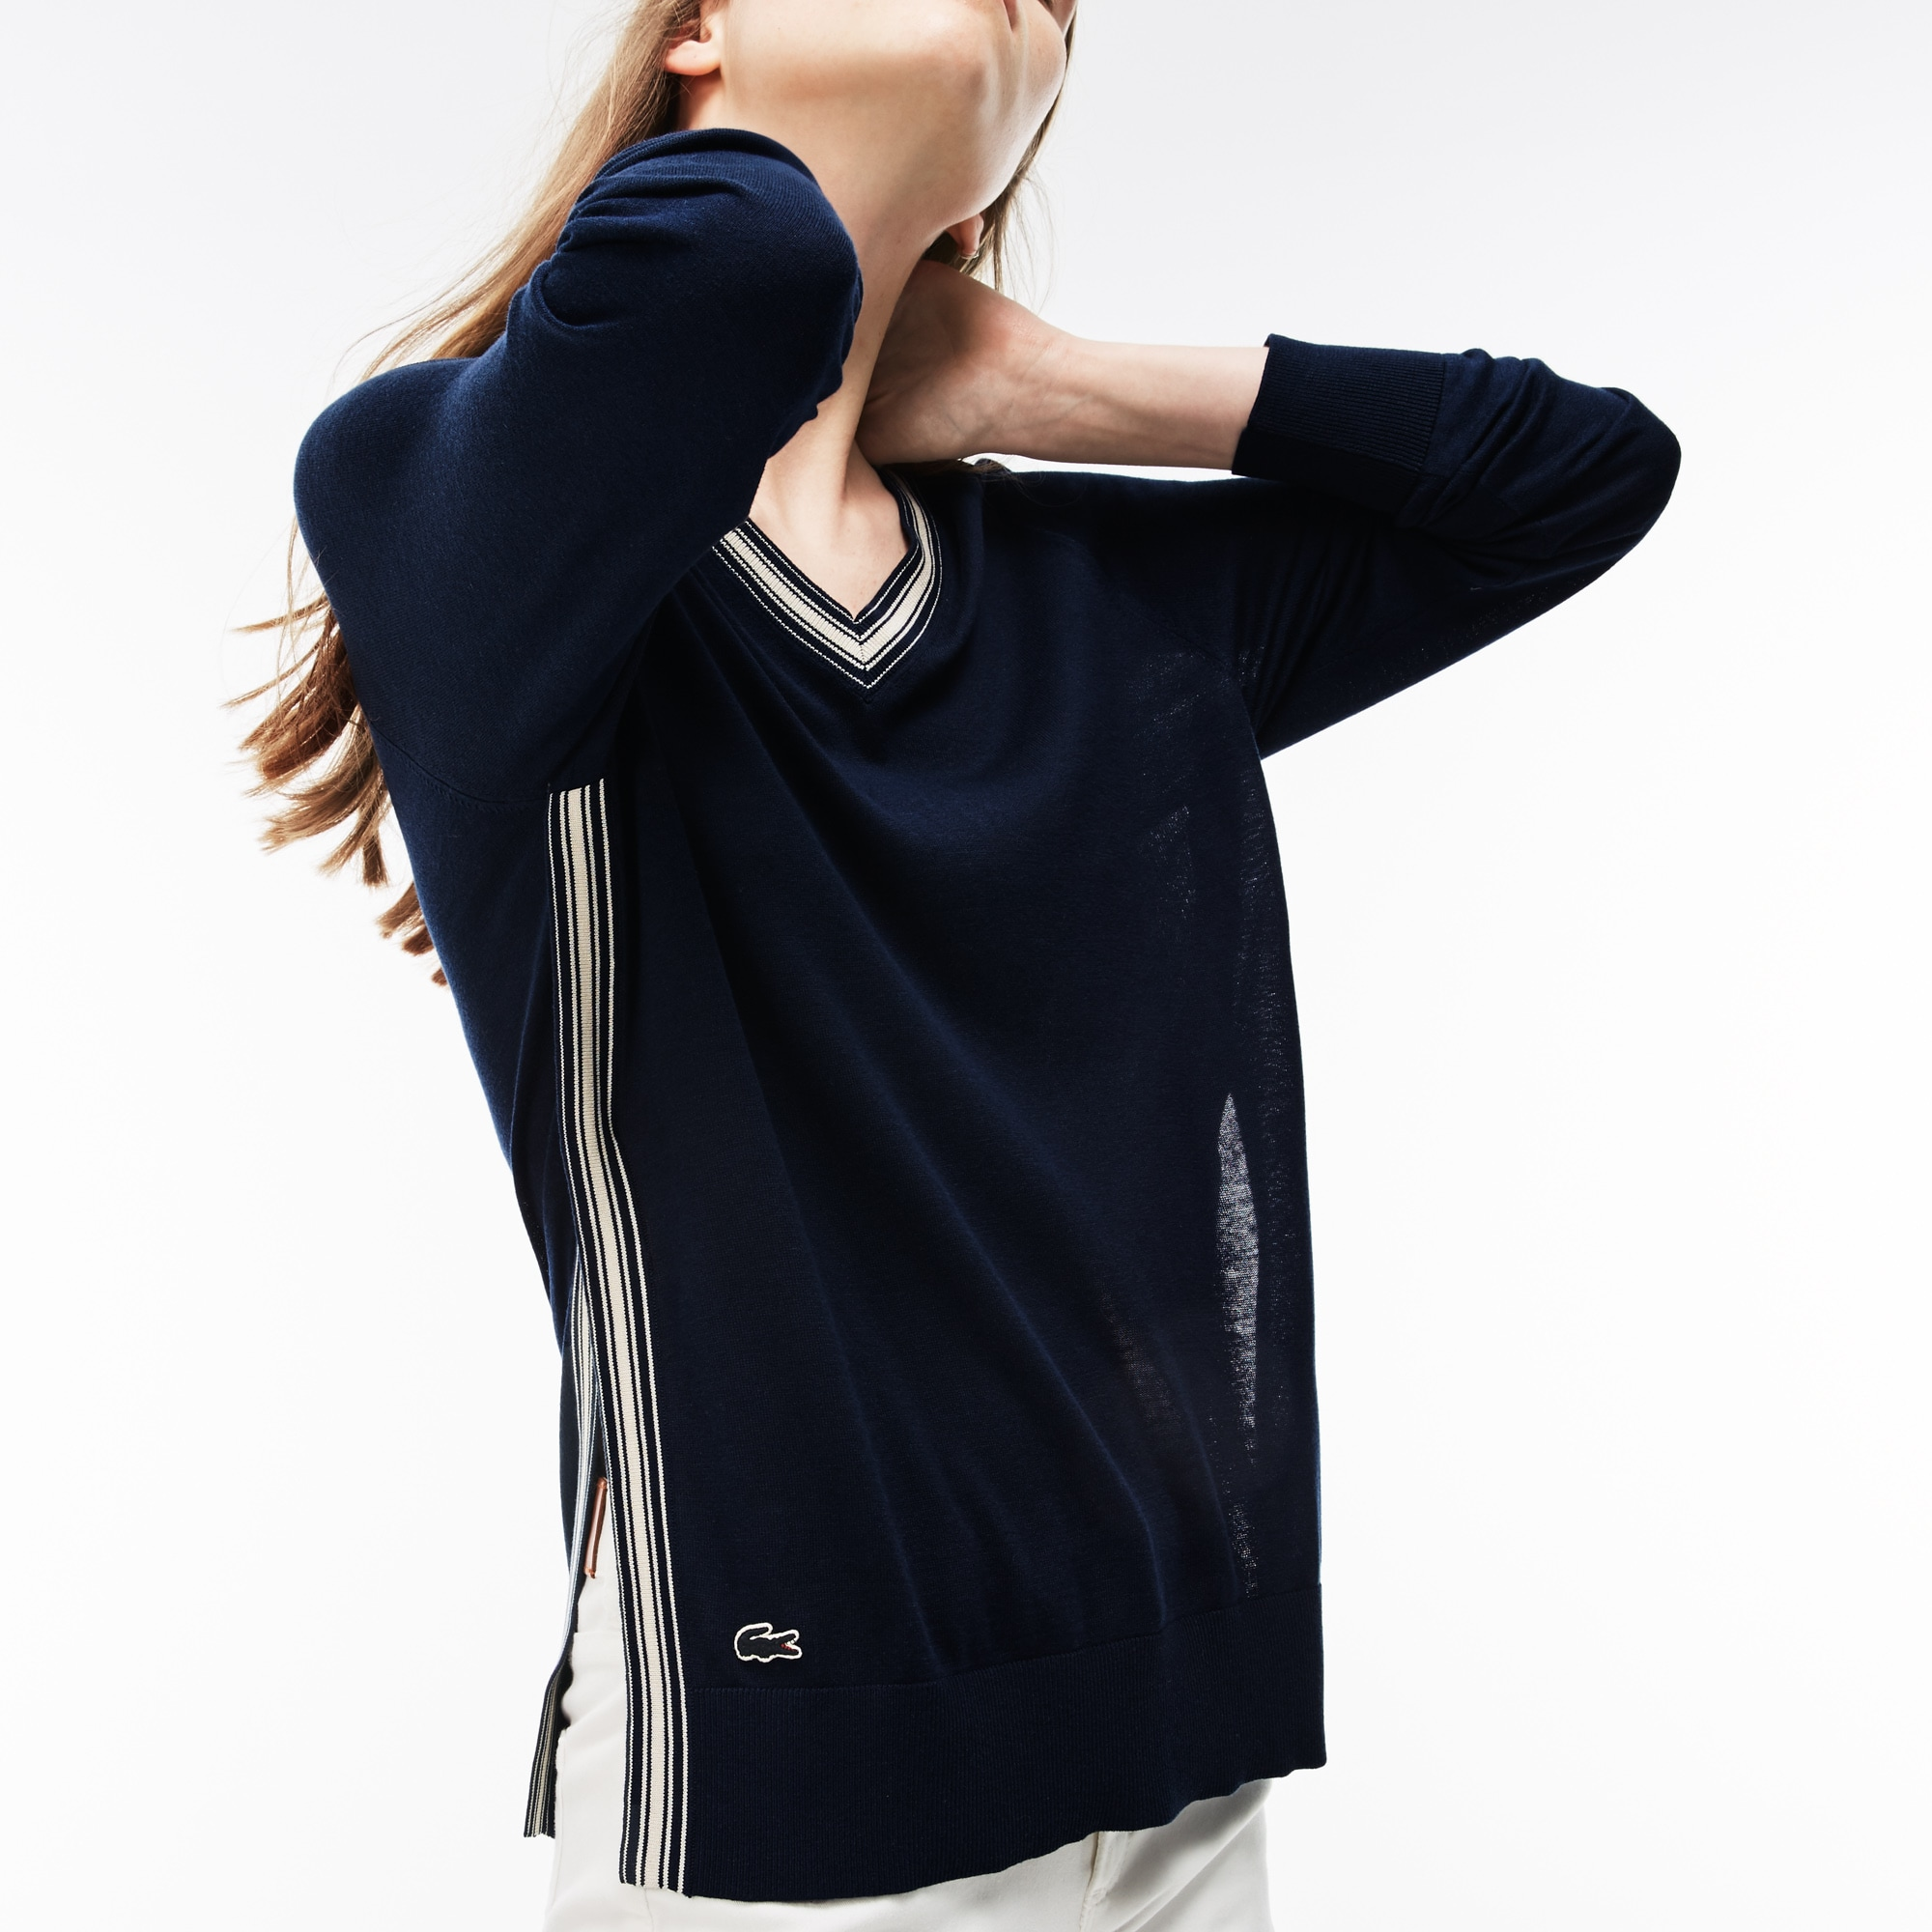 Jersey con cuello a pico rajado de punto jersey de seda y algodón con cordoncillo